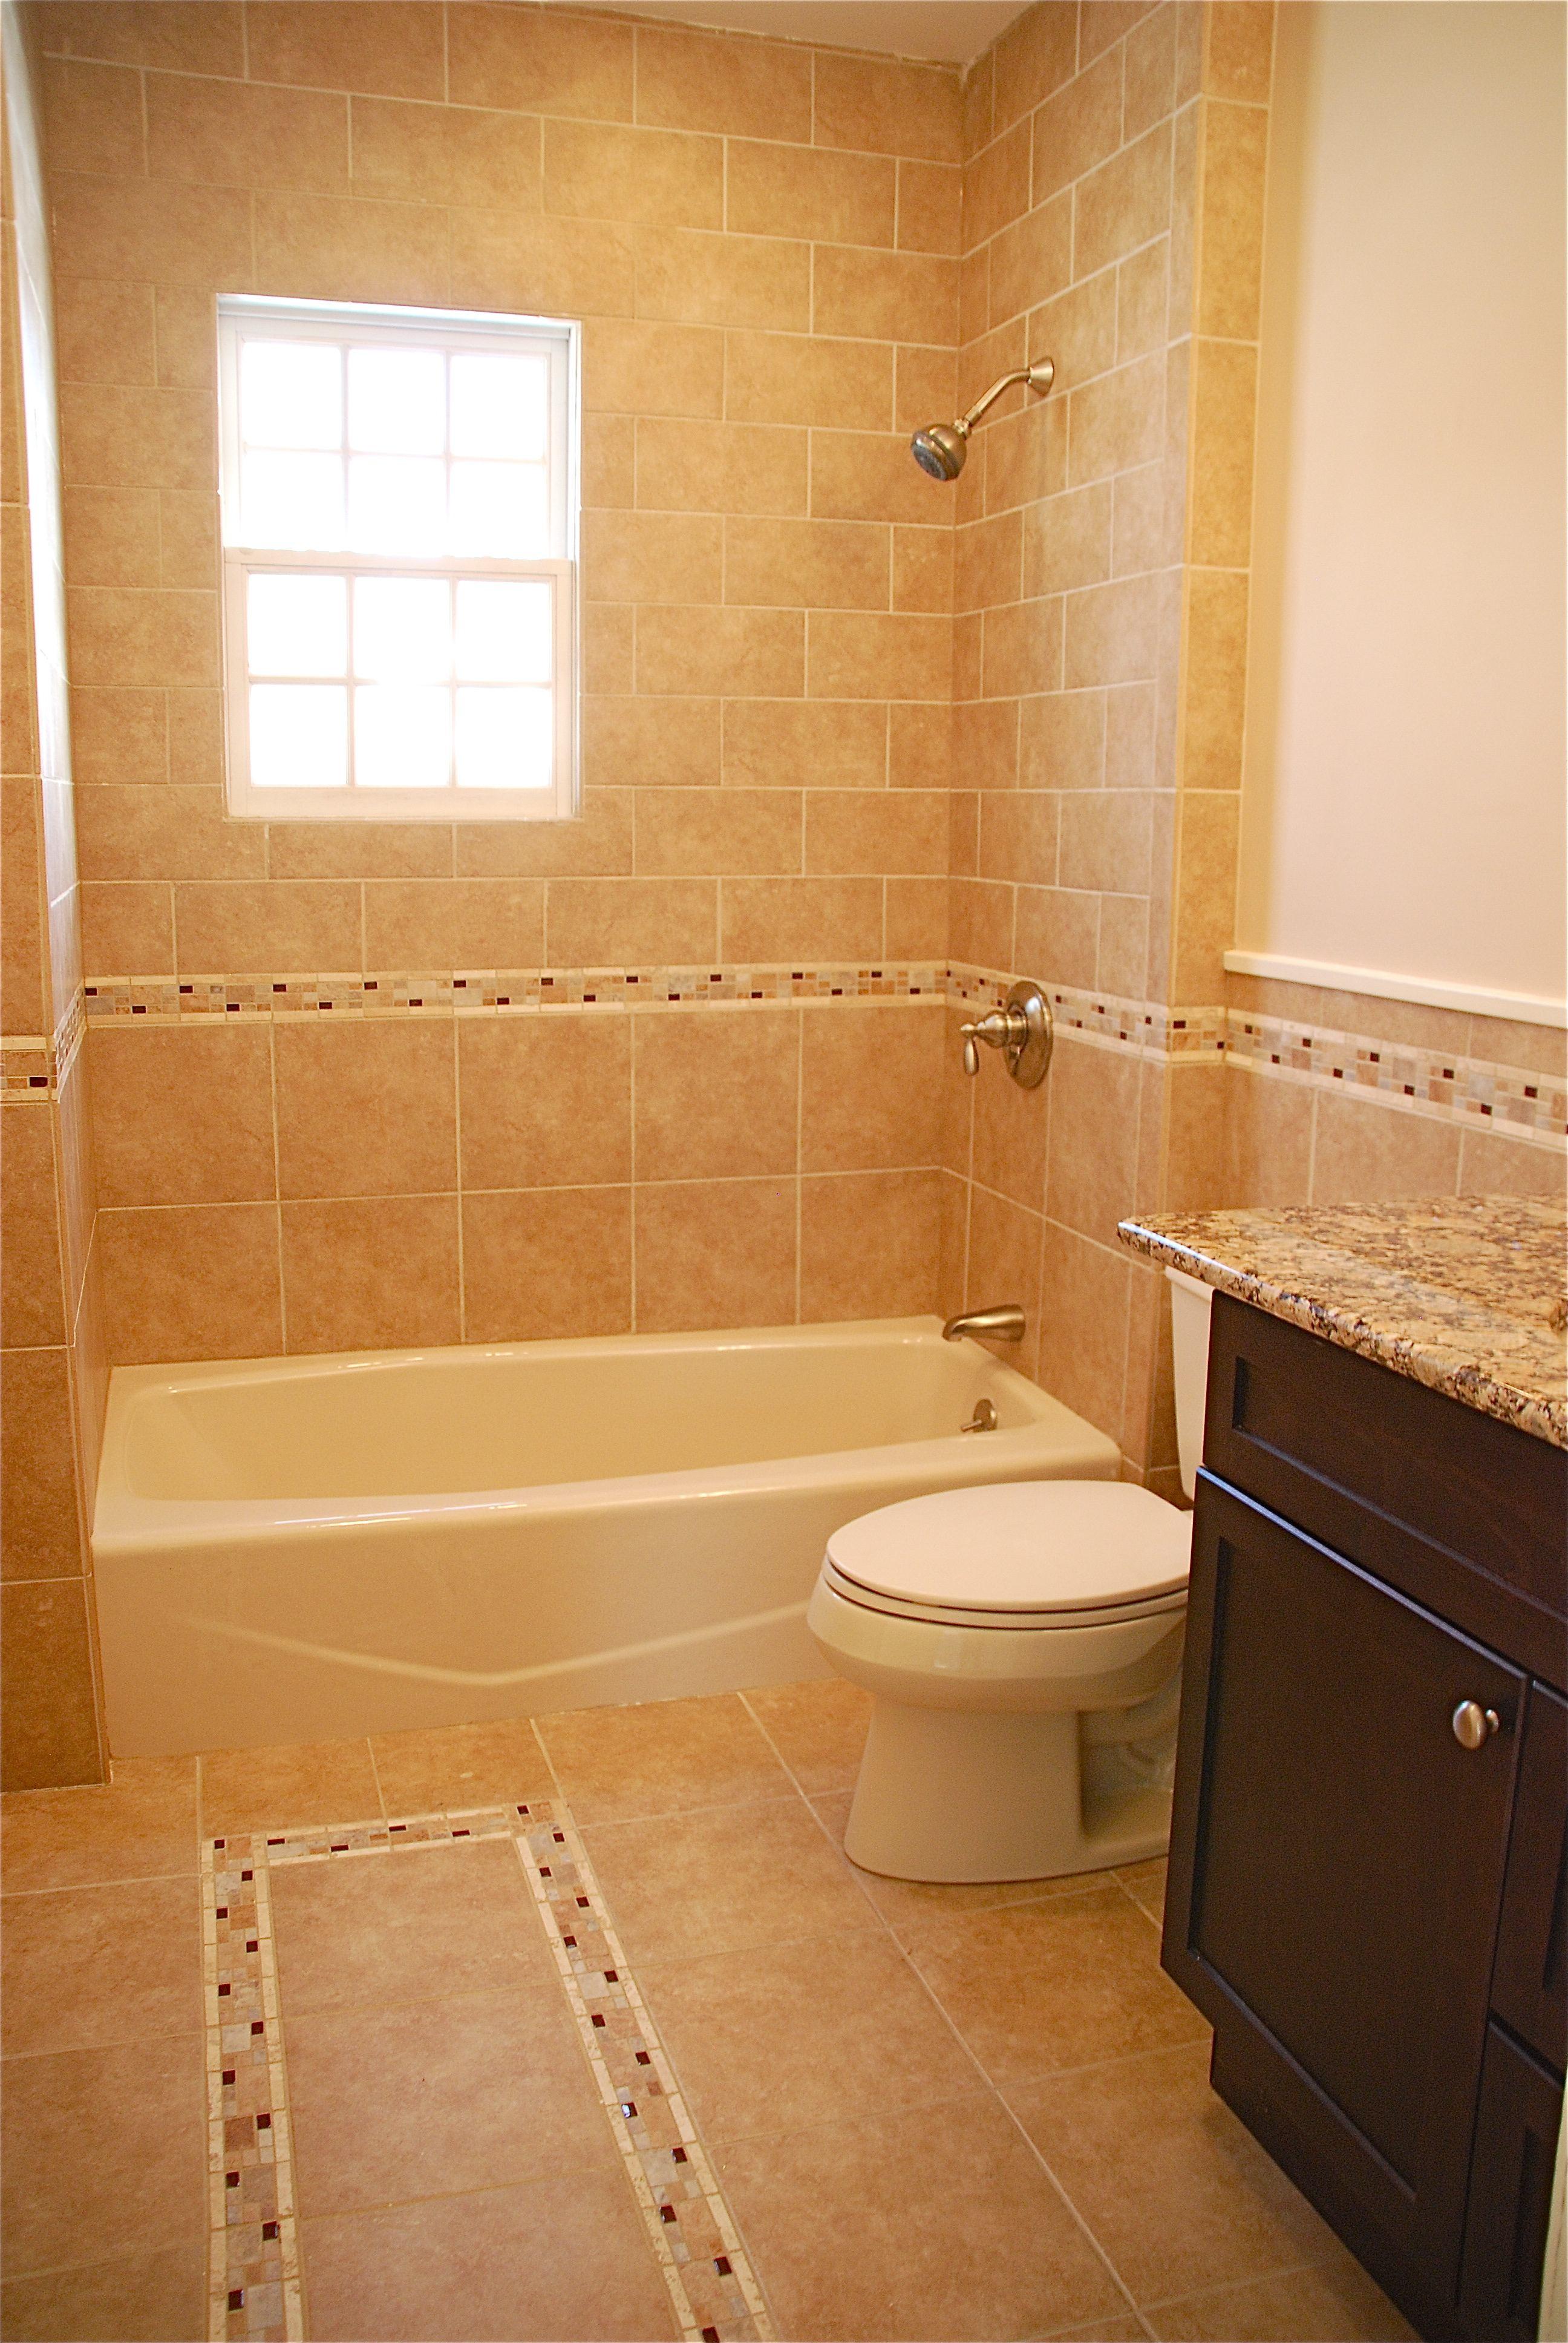 home bathroom tile ideas photo - 9